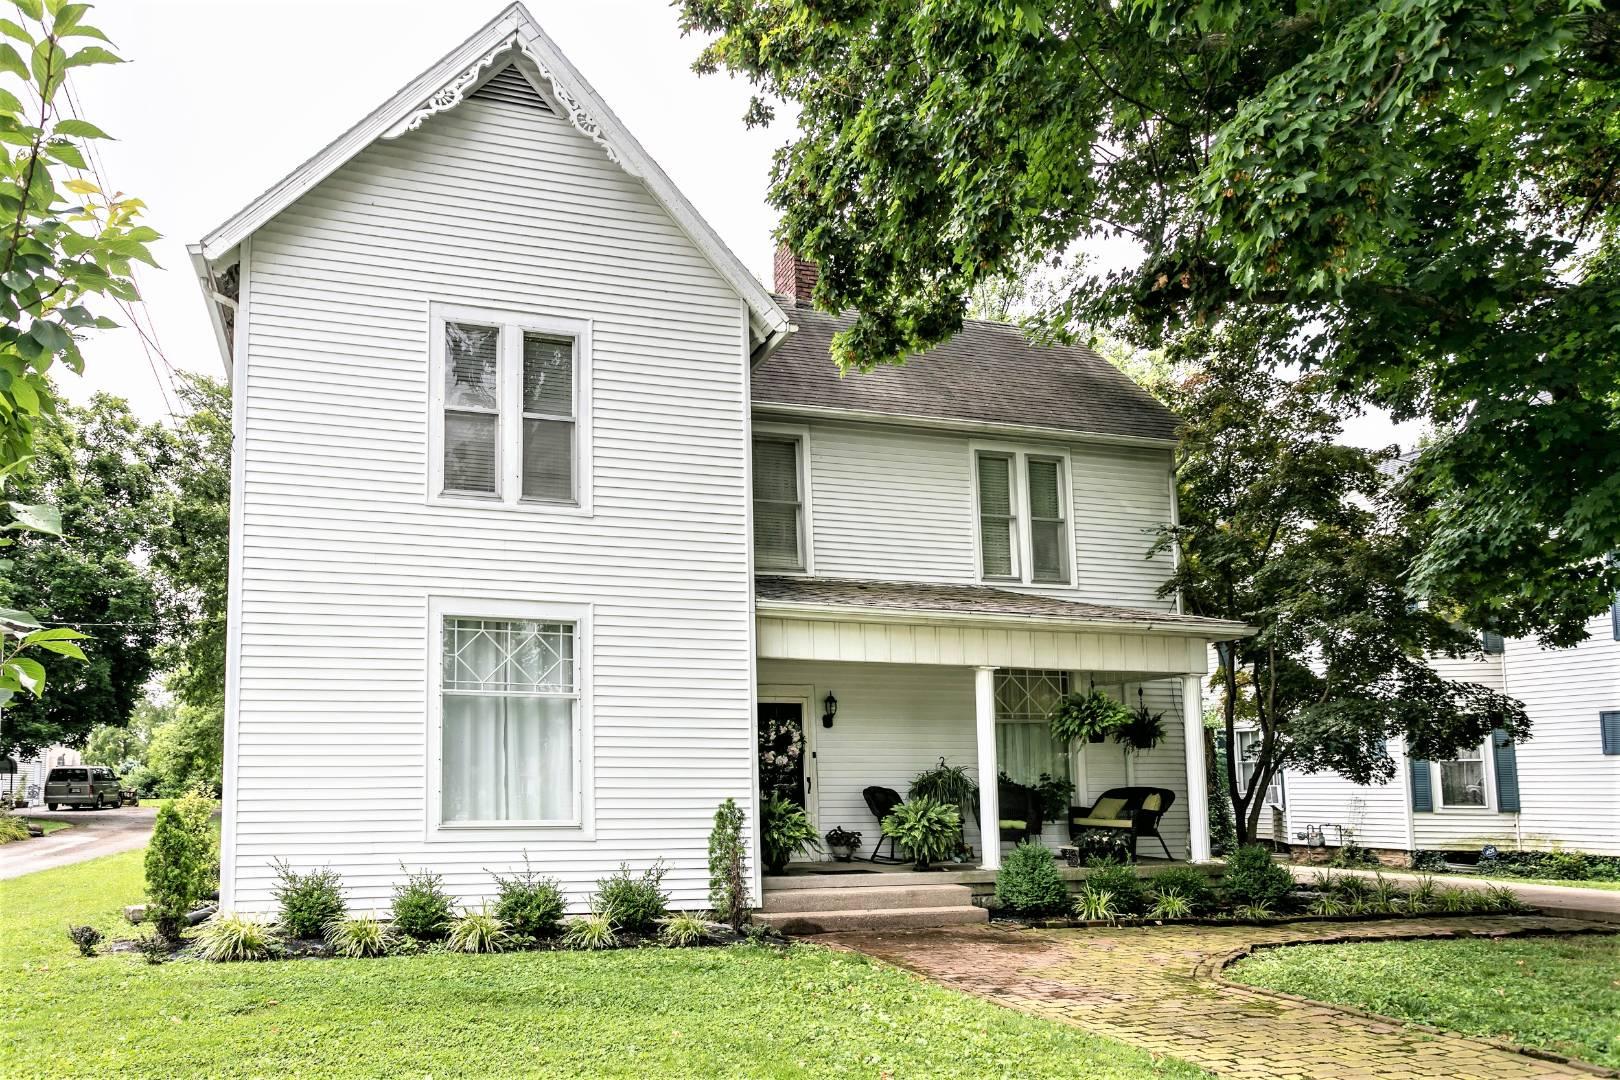 134 W. Walnut Street Property Photo 1